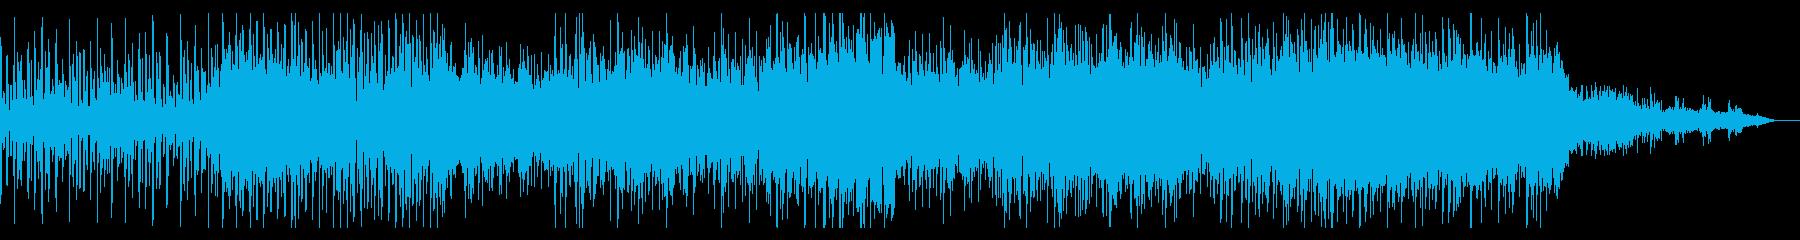 ダークで徐々に迫るアンビエントIDMの再生済みの波形